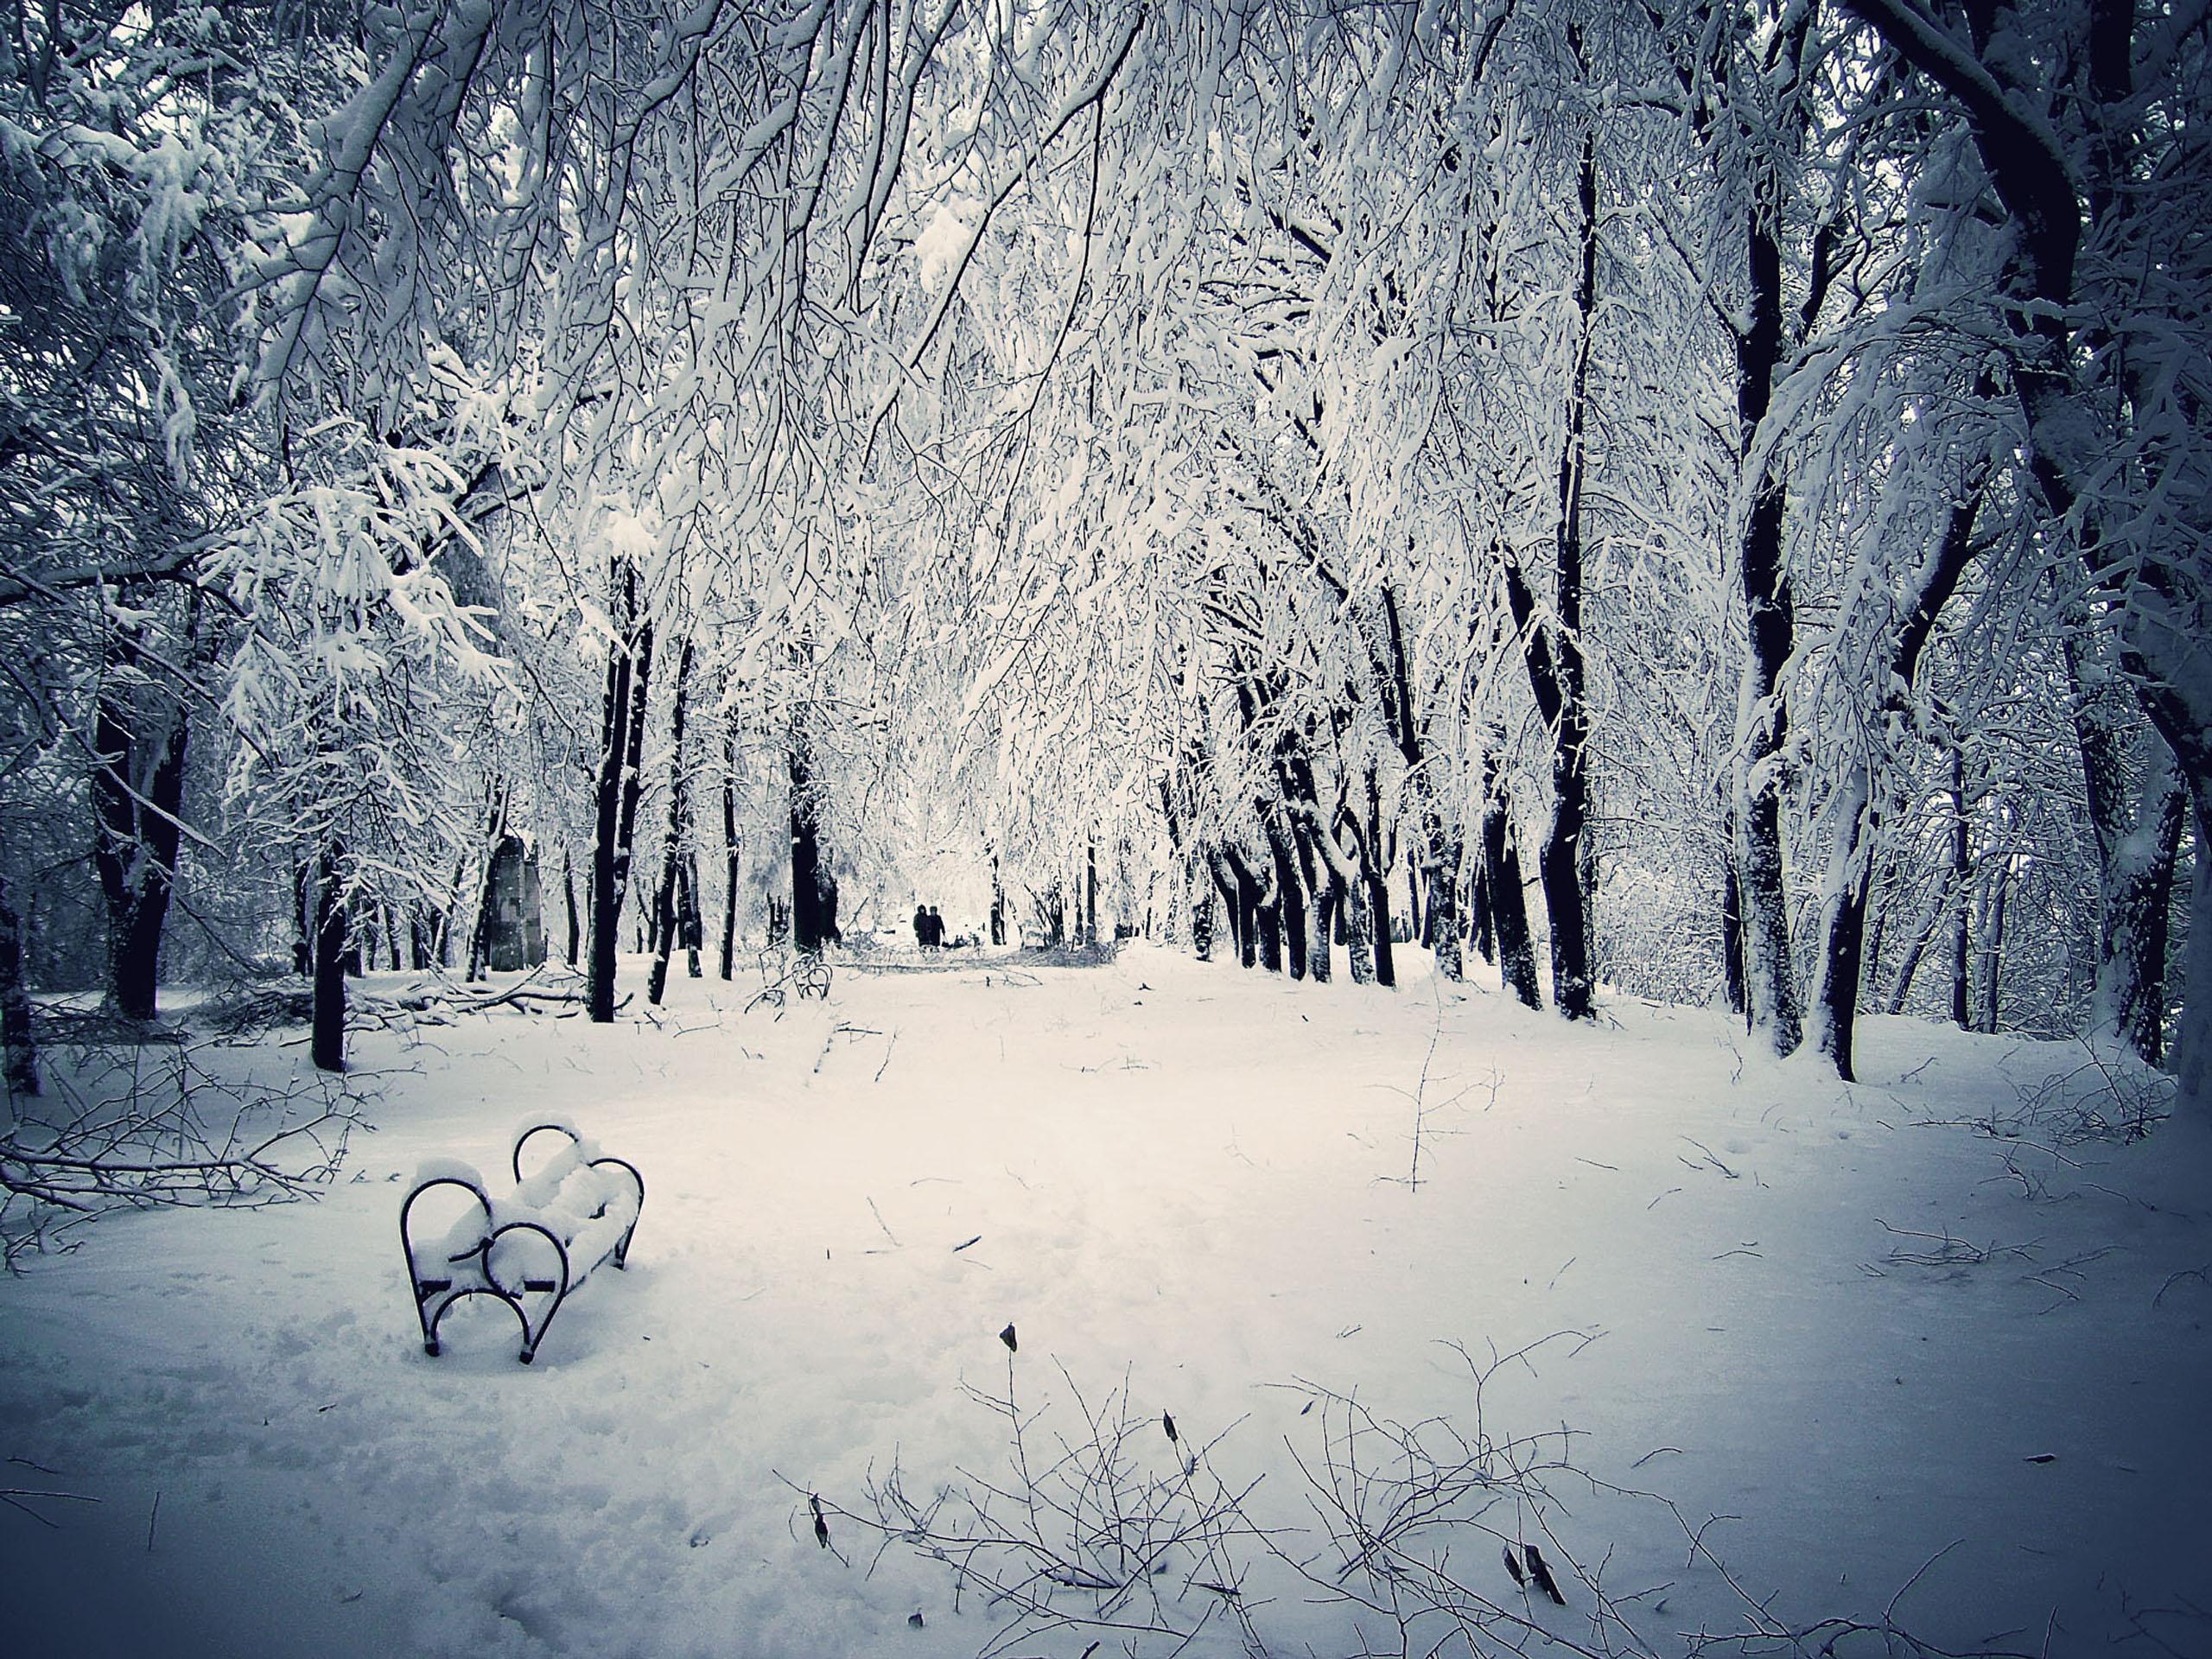 Winter Scenes for Desktop   wwwwallpapers in hdcom 2560x1920